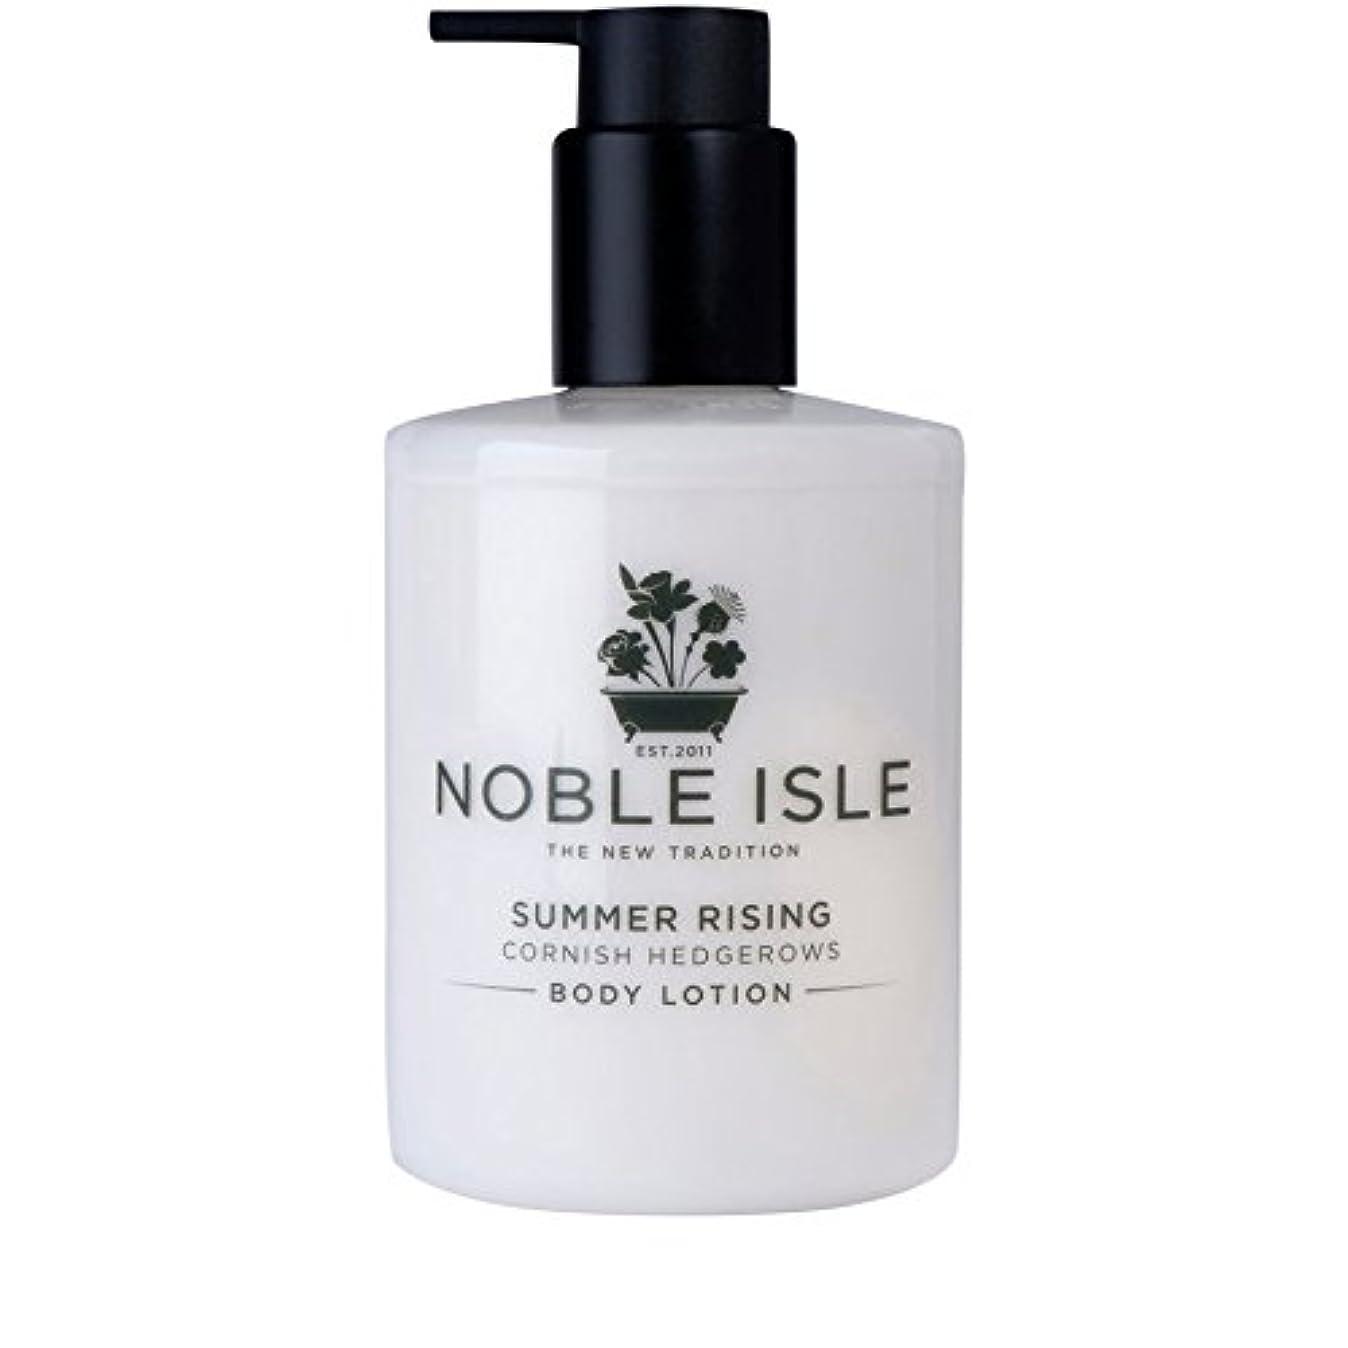 論理ガロン市民Noble Isle Summer Rising Cornish Hedgerows Body Lotion 250ml (Pack of 6) - コーニッシュ生け垣ボディローション250ミリリットルを上昇高貴な島の夏...